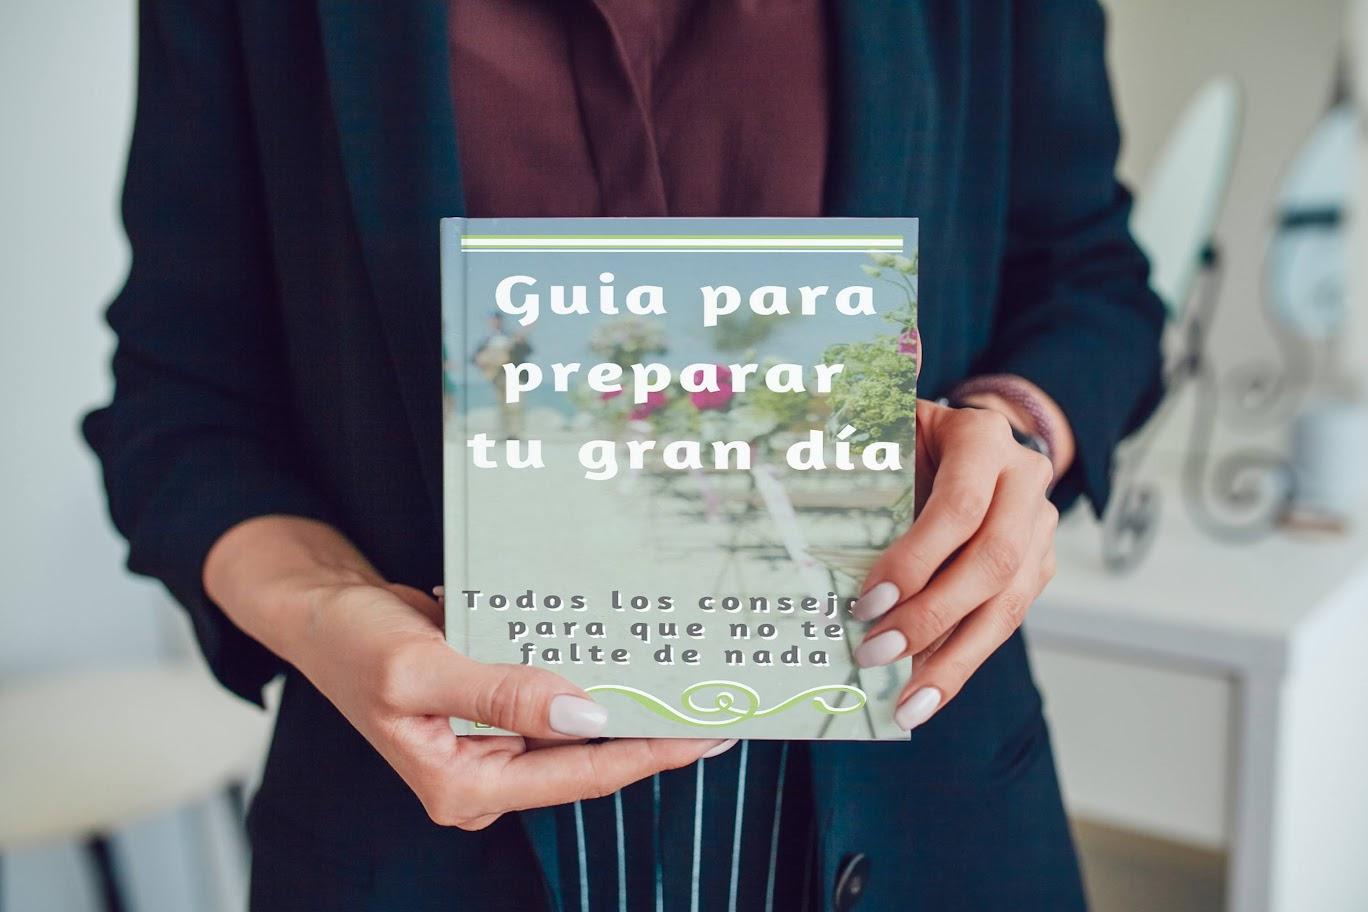 Guia para preparar tu boda de Dani Guitarra